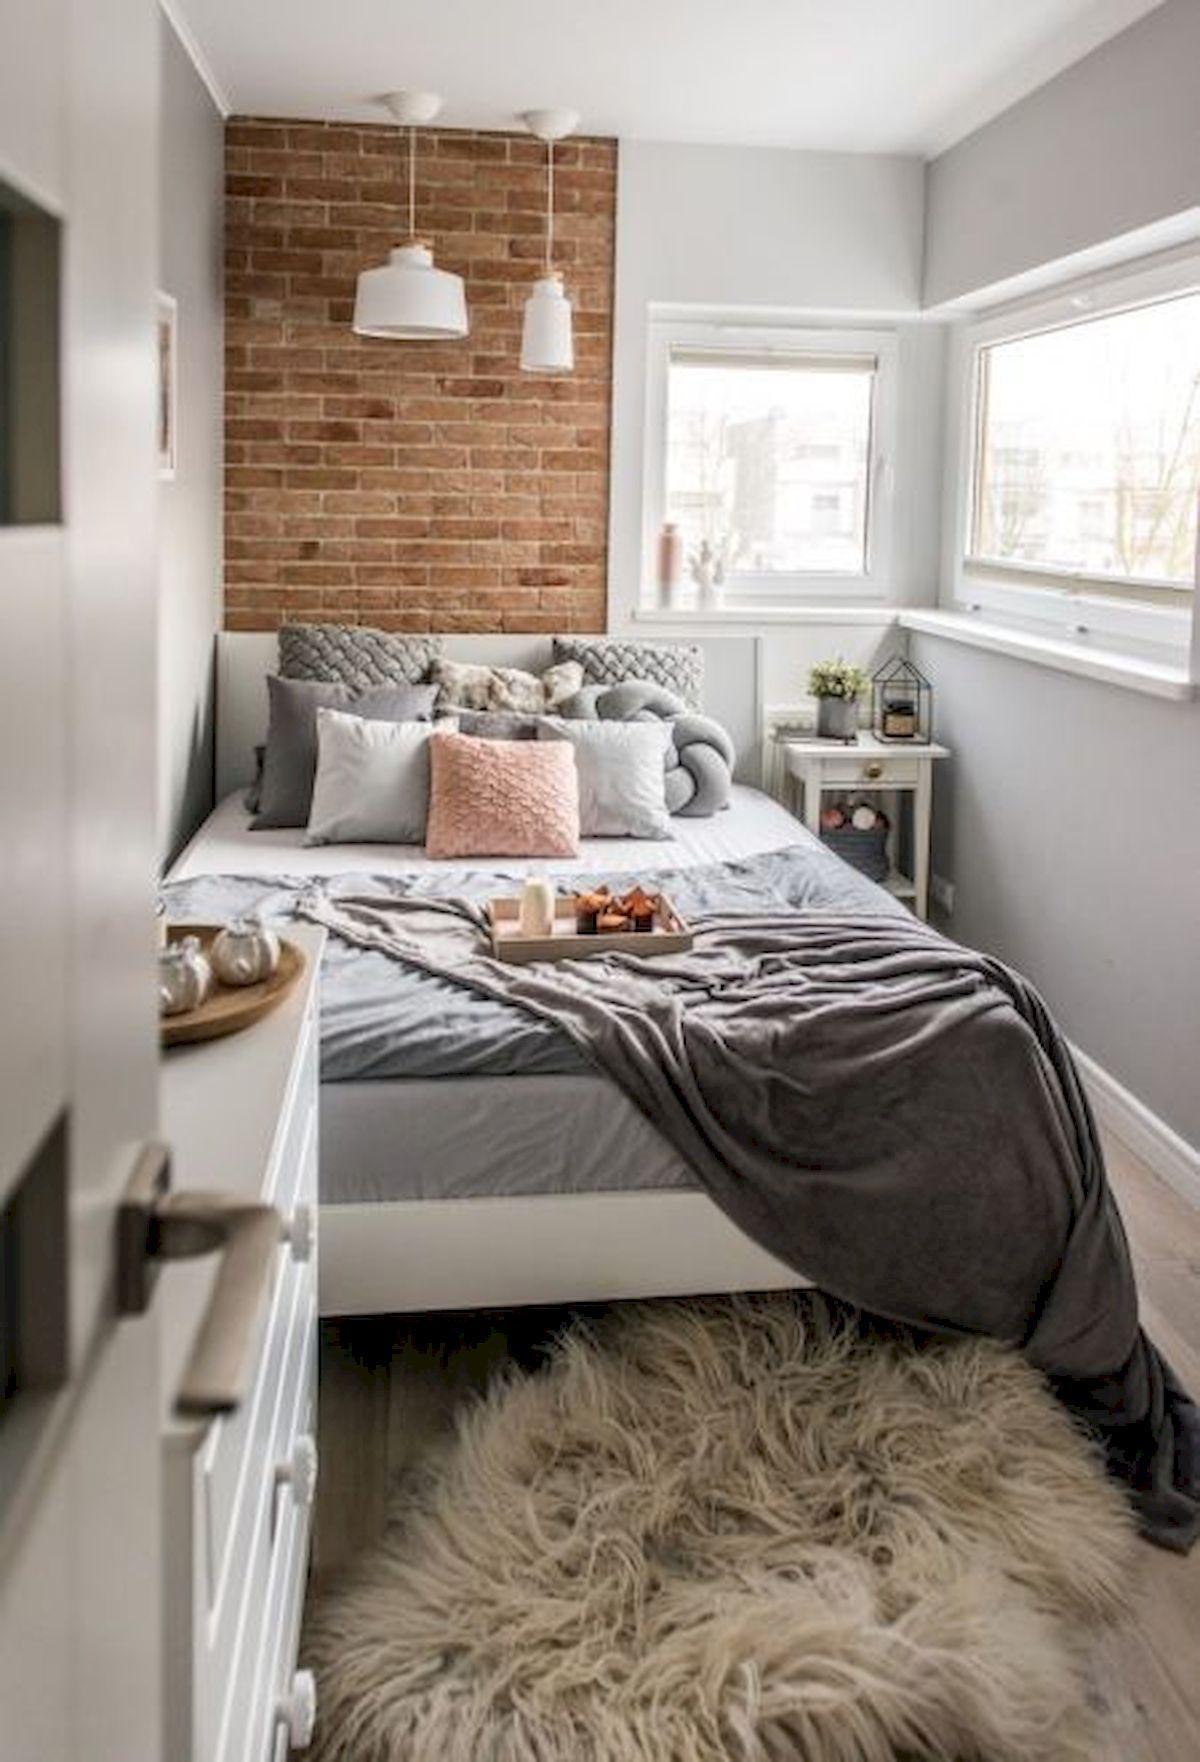 Amazing Bedroom Interior Design Ideas To Try02